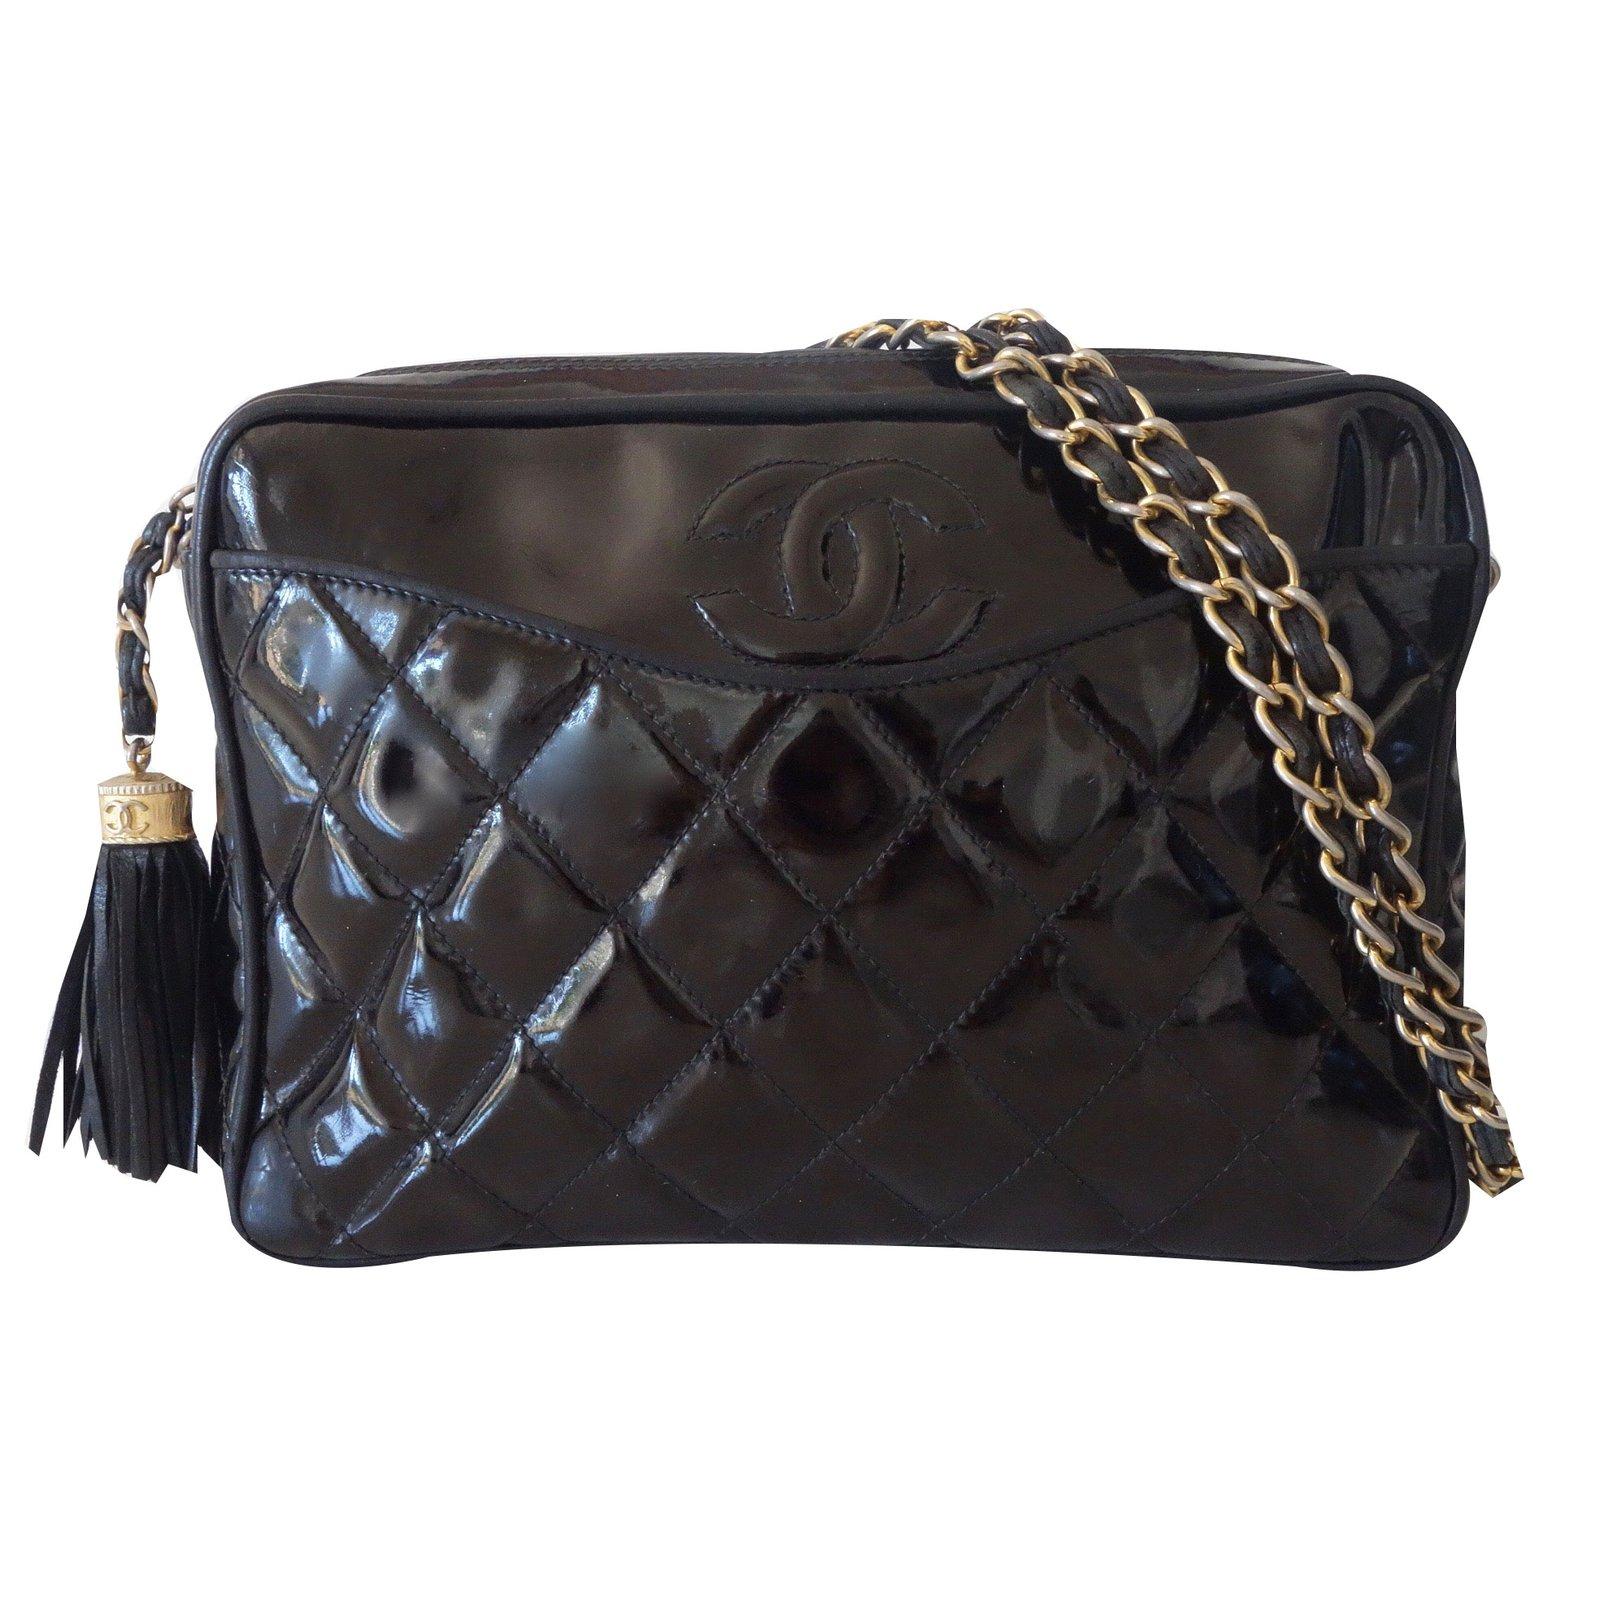 Sacs à main Chanel CAMERA VINTAGE POMPON Cuir vernis Noir ref.24989 fef42087df3